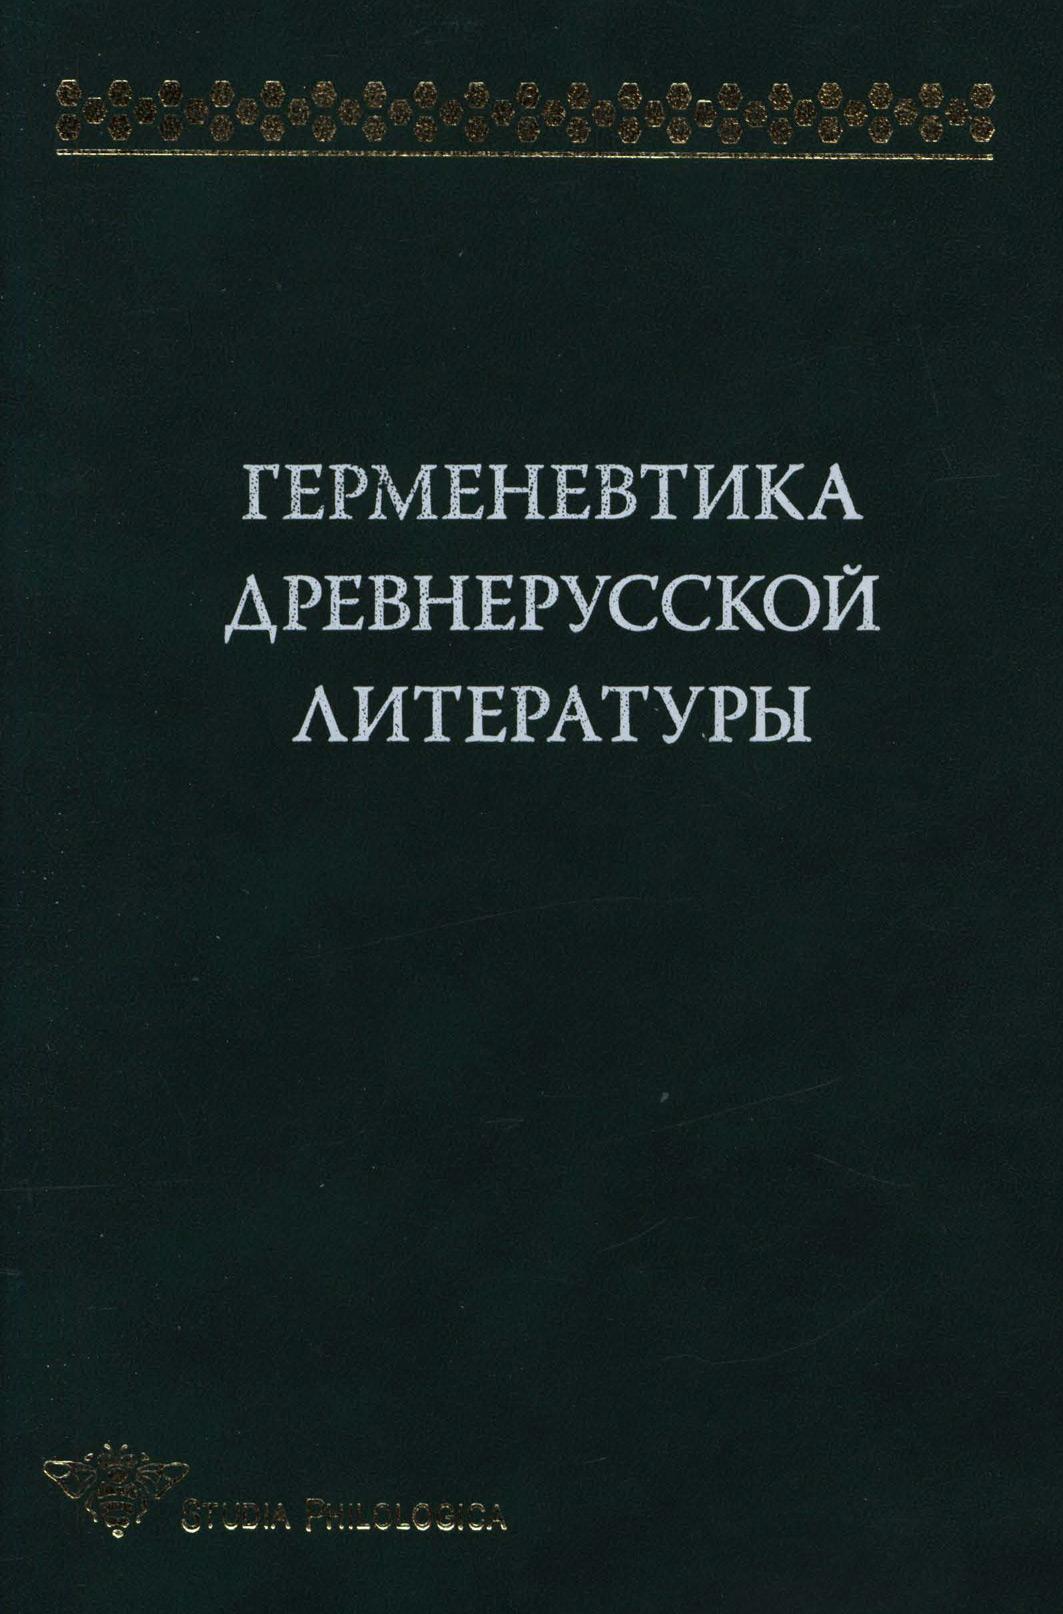 Купить книгу Герменевтика древнерусской литературы. Сборник 11, автора Коллектива авторов